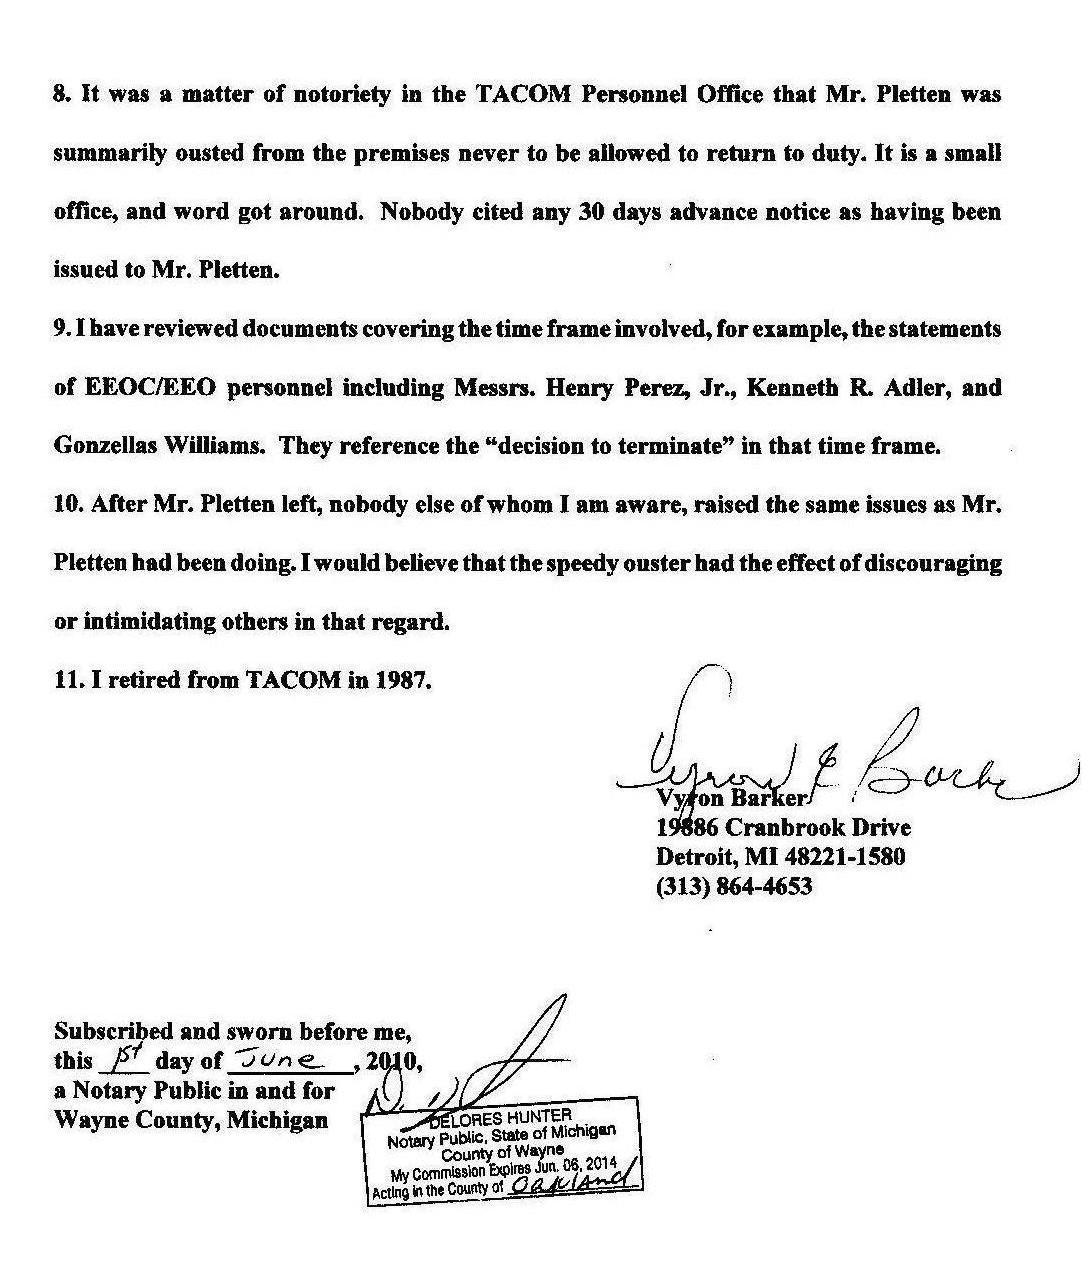 Affidavit Of Vyron E Barker Army Tacom